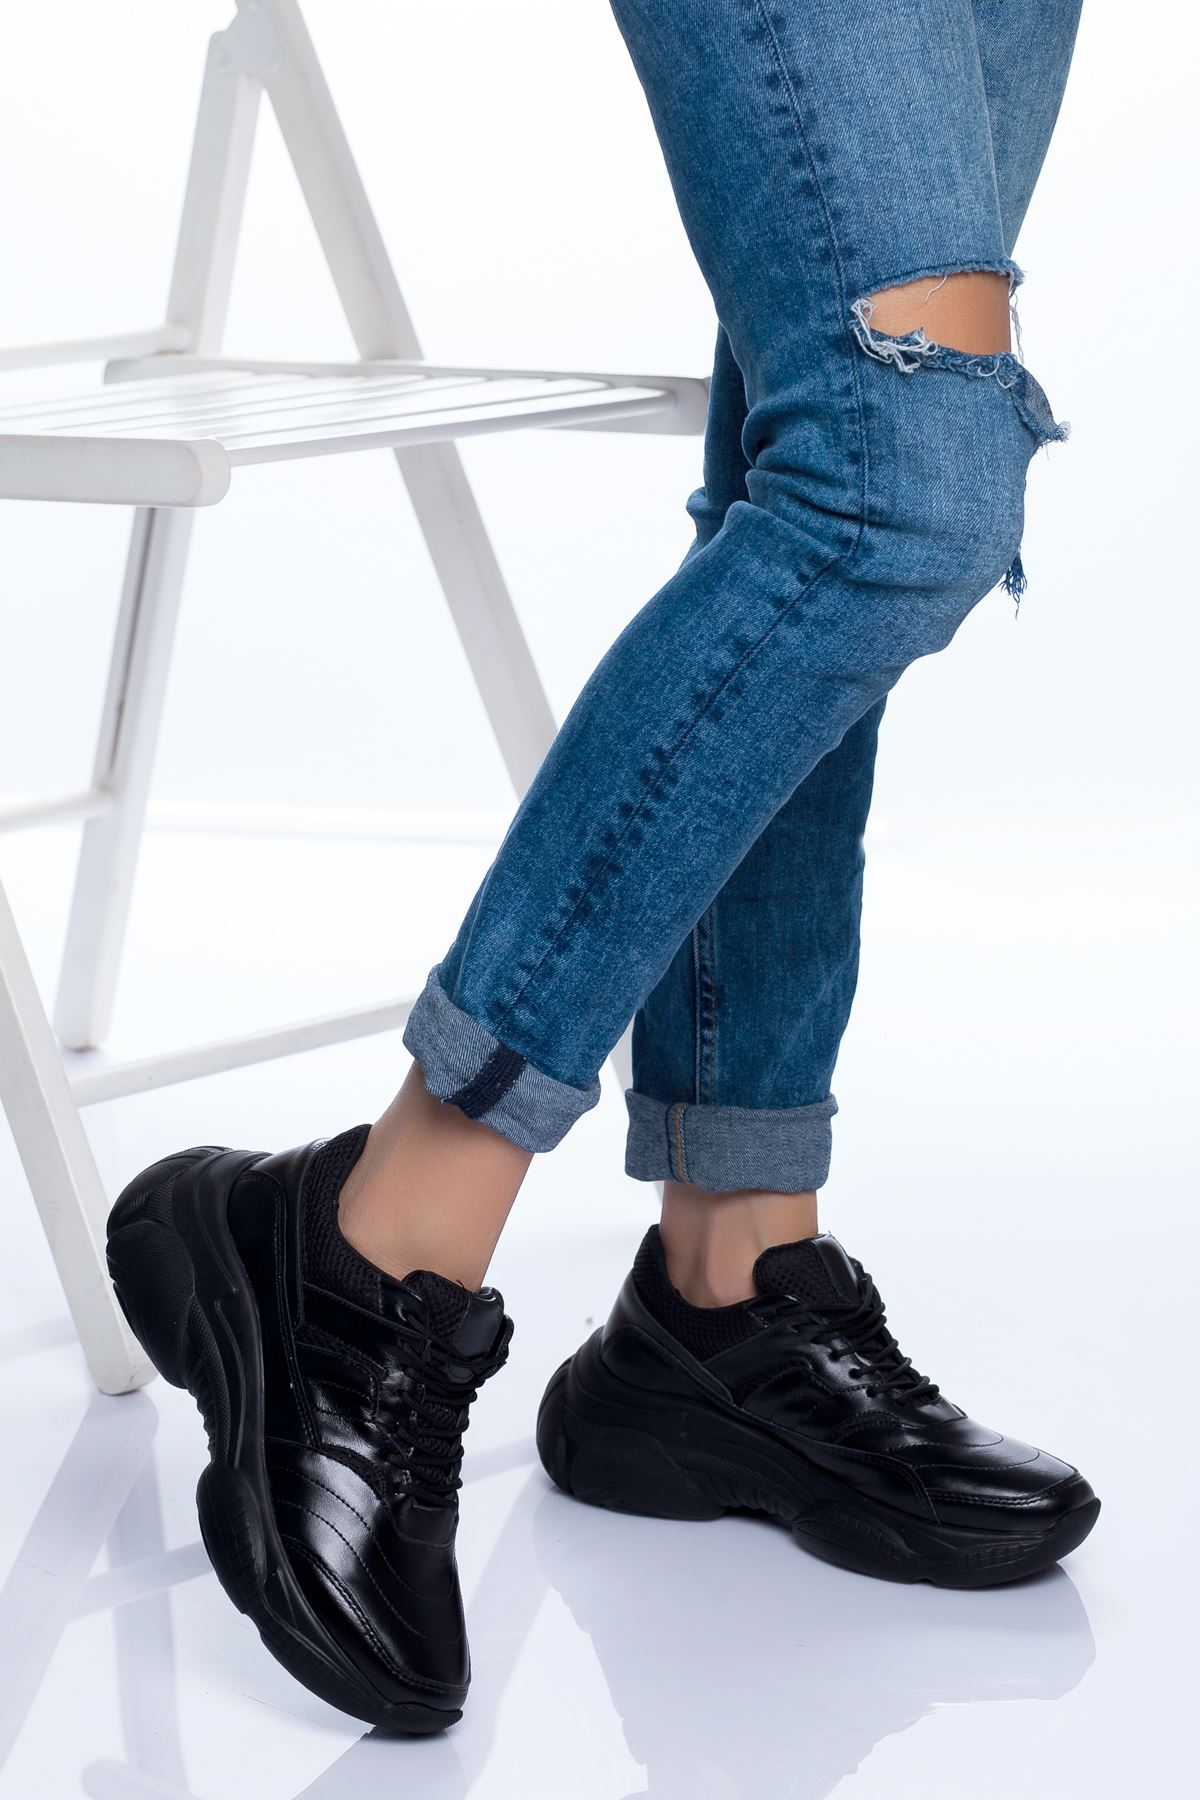 Reyna Spor Ayakkabı SIYAH